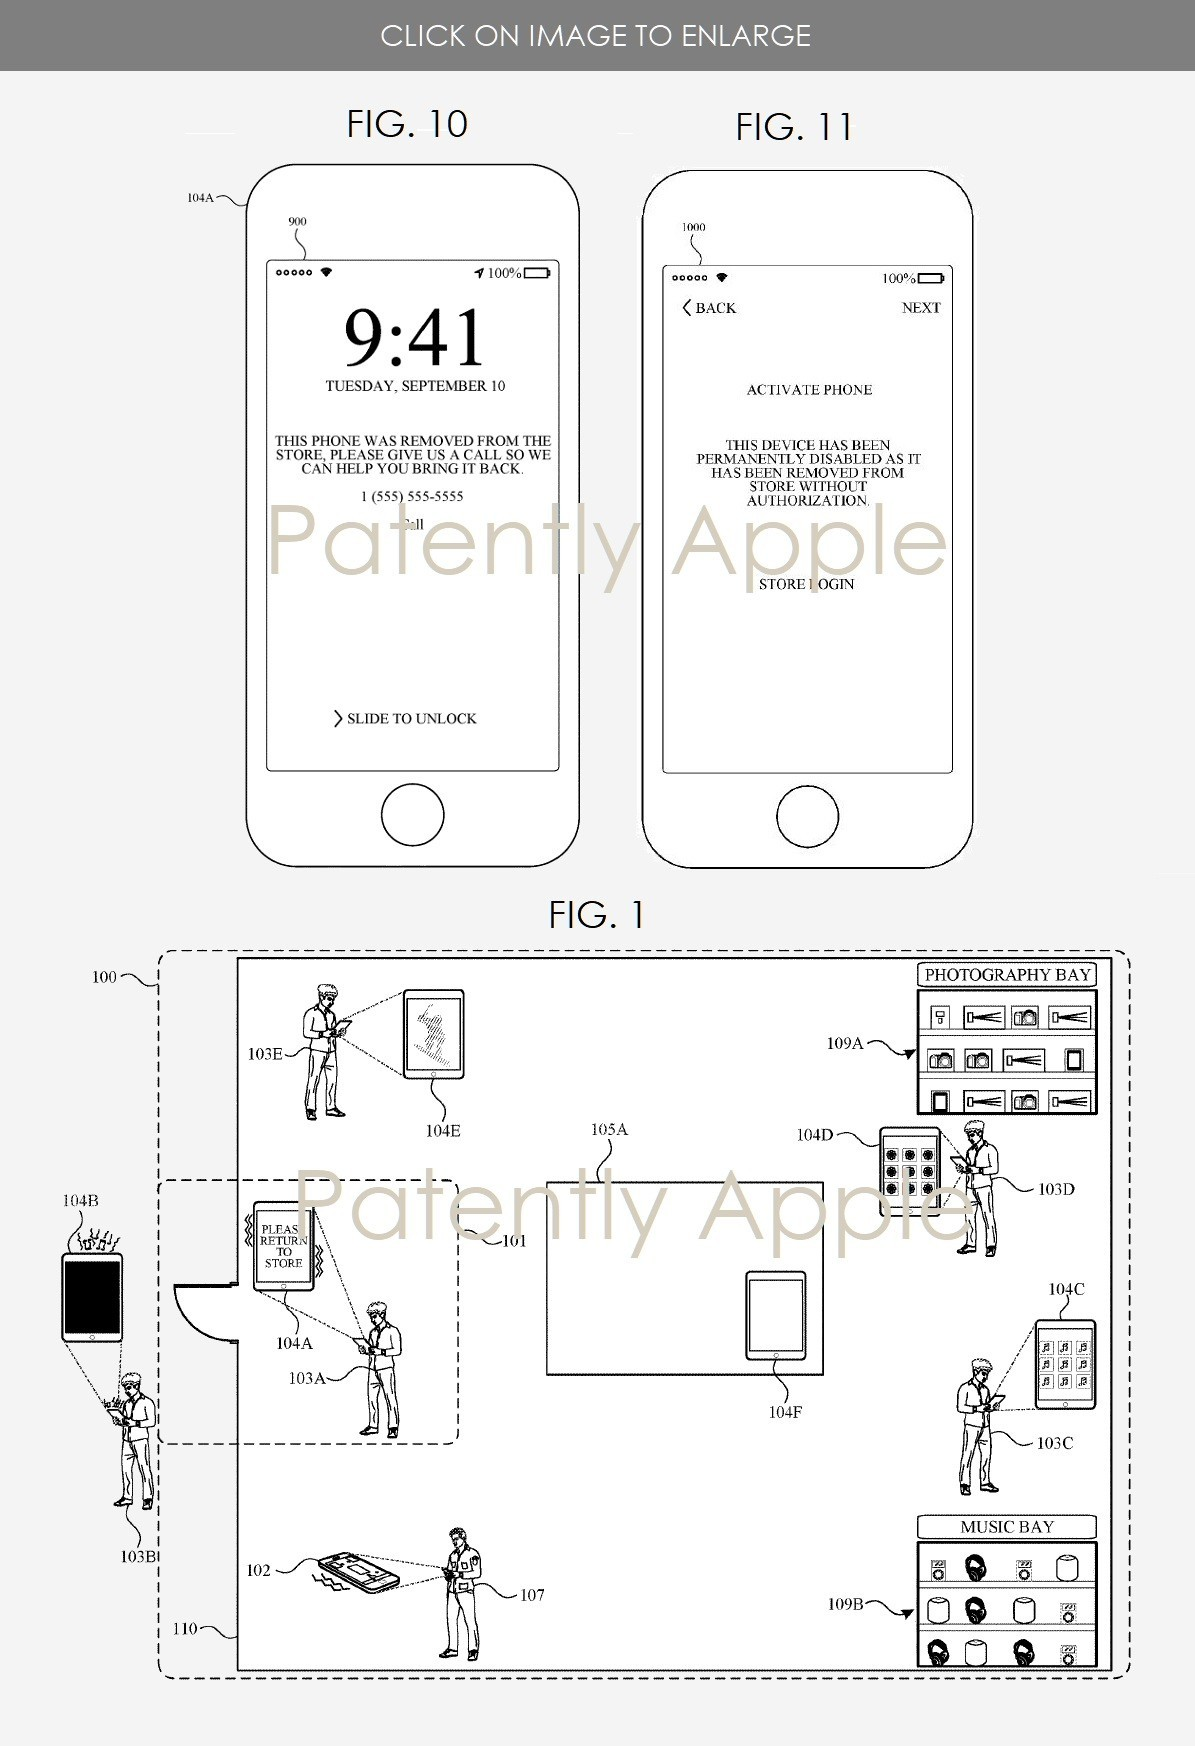 Apple придумал технологию, которая позволяет заблокировать украденый iPhone